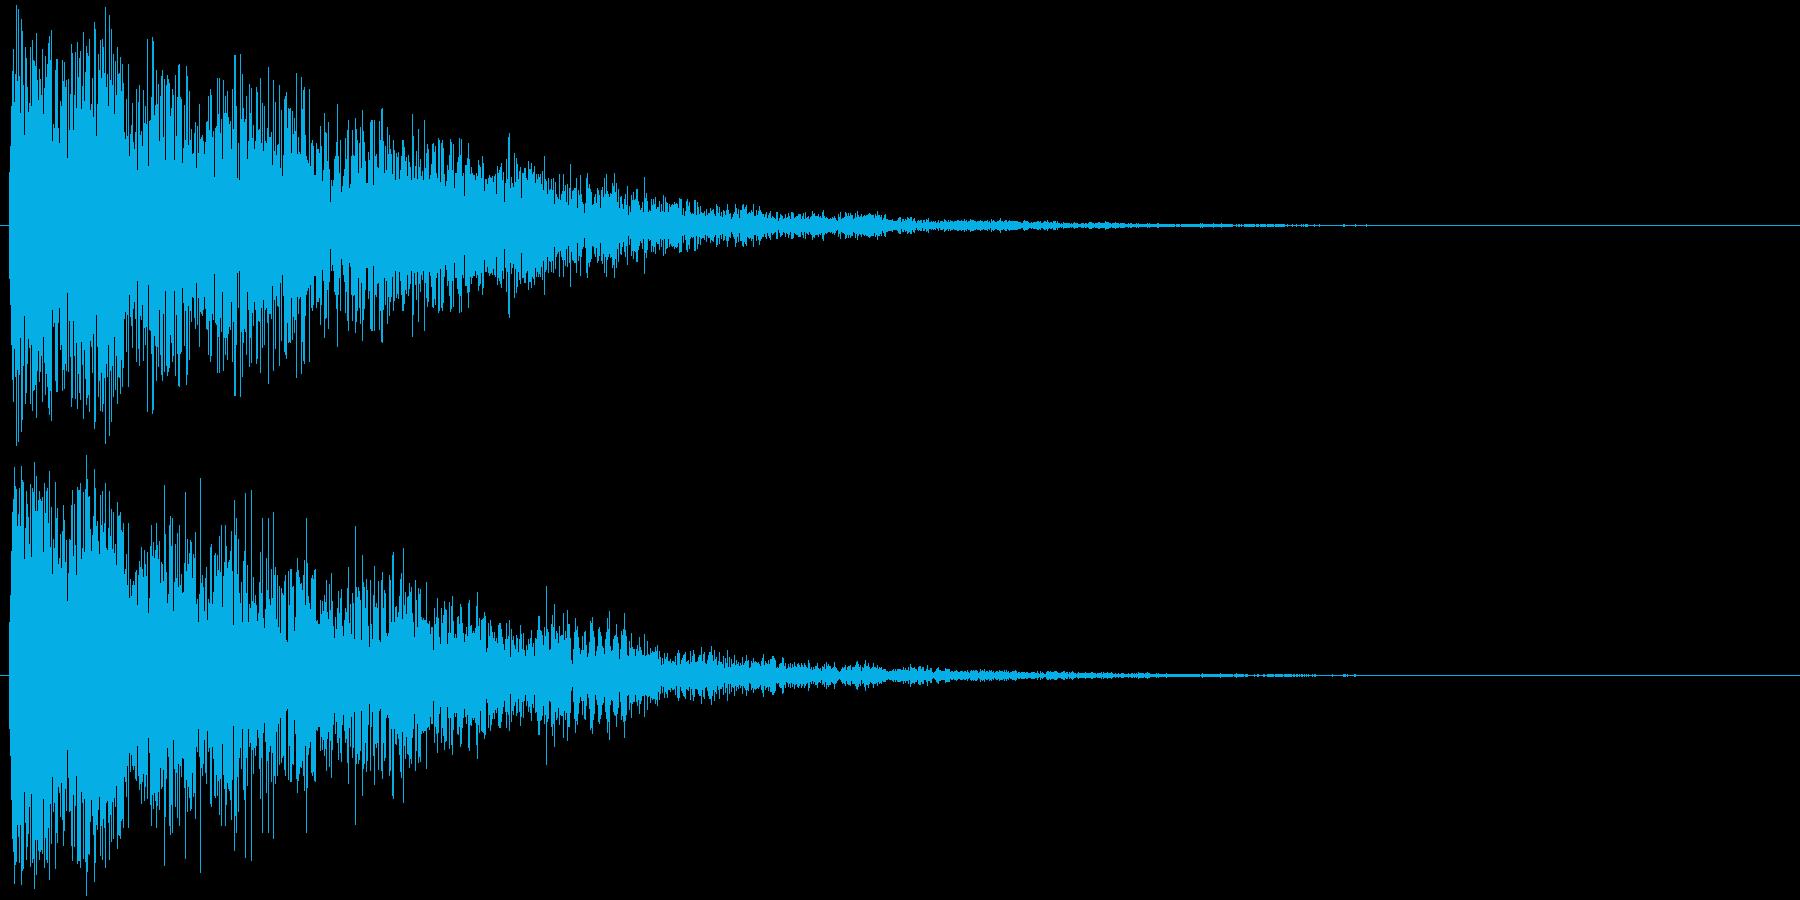 ダーン(決定音、アプリ、サウンドロゴ等)の再生済みの波形